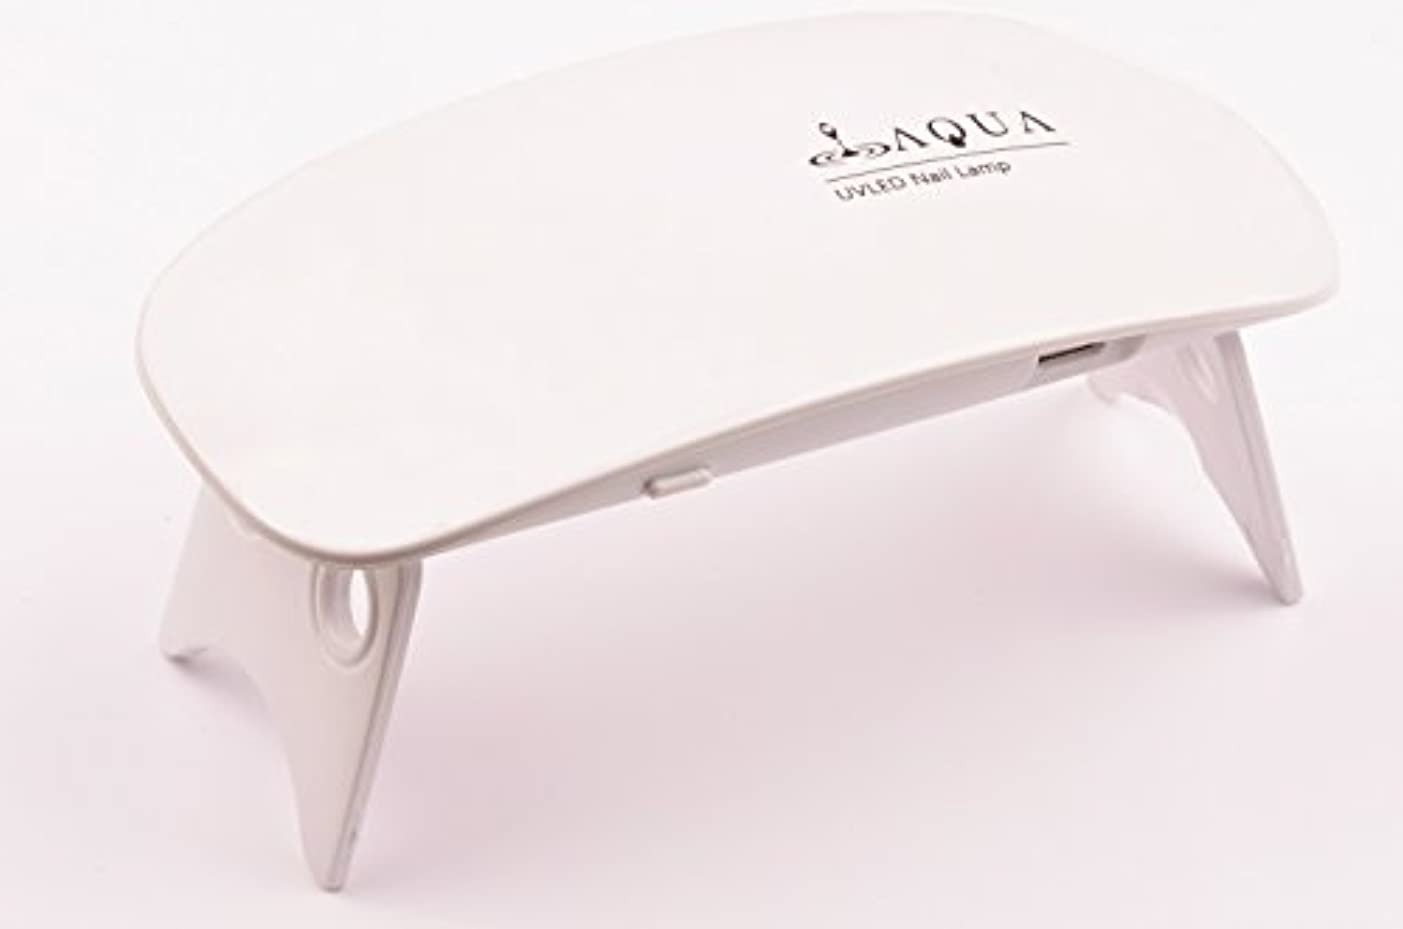 ヒープ割合平衡LEDライト UVライト 6W 持ち運びに便利な軽量コンパクトサイズ (04.ホワイト)